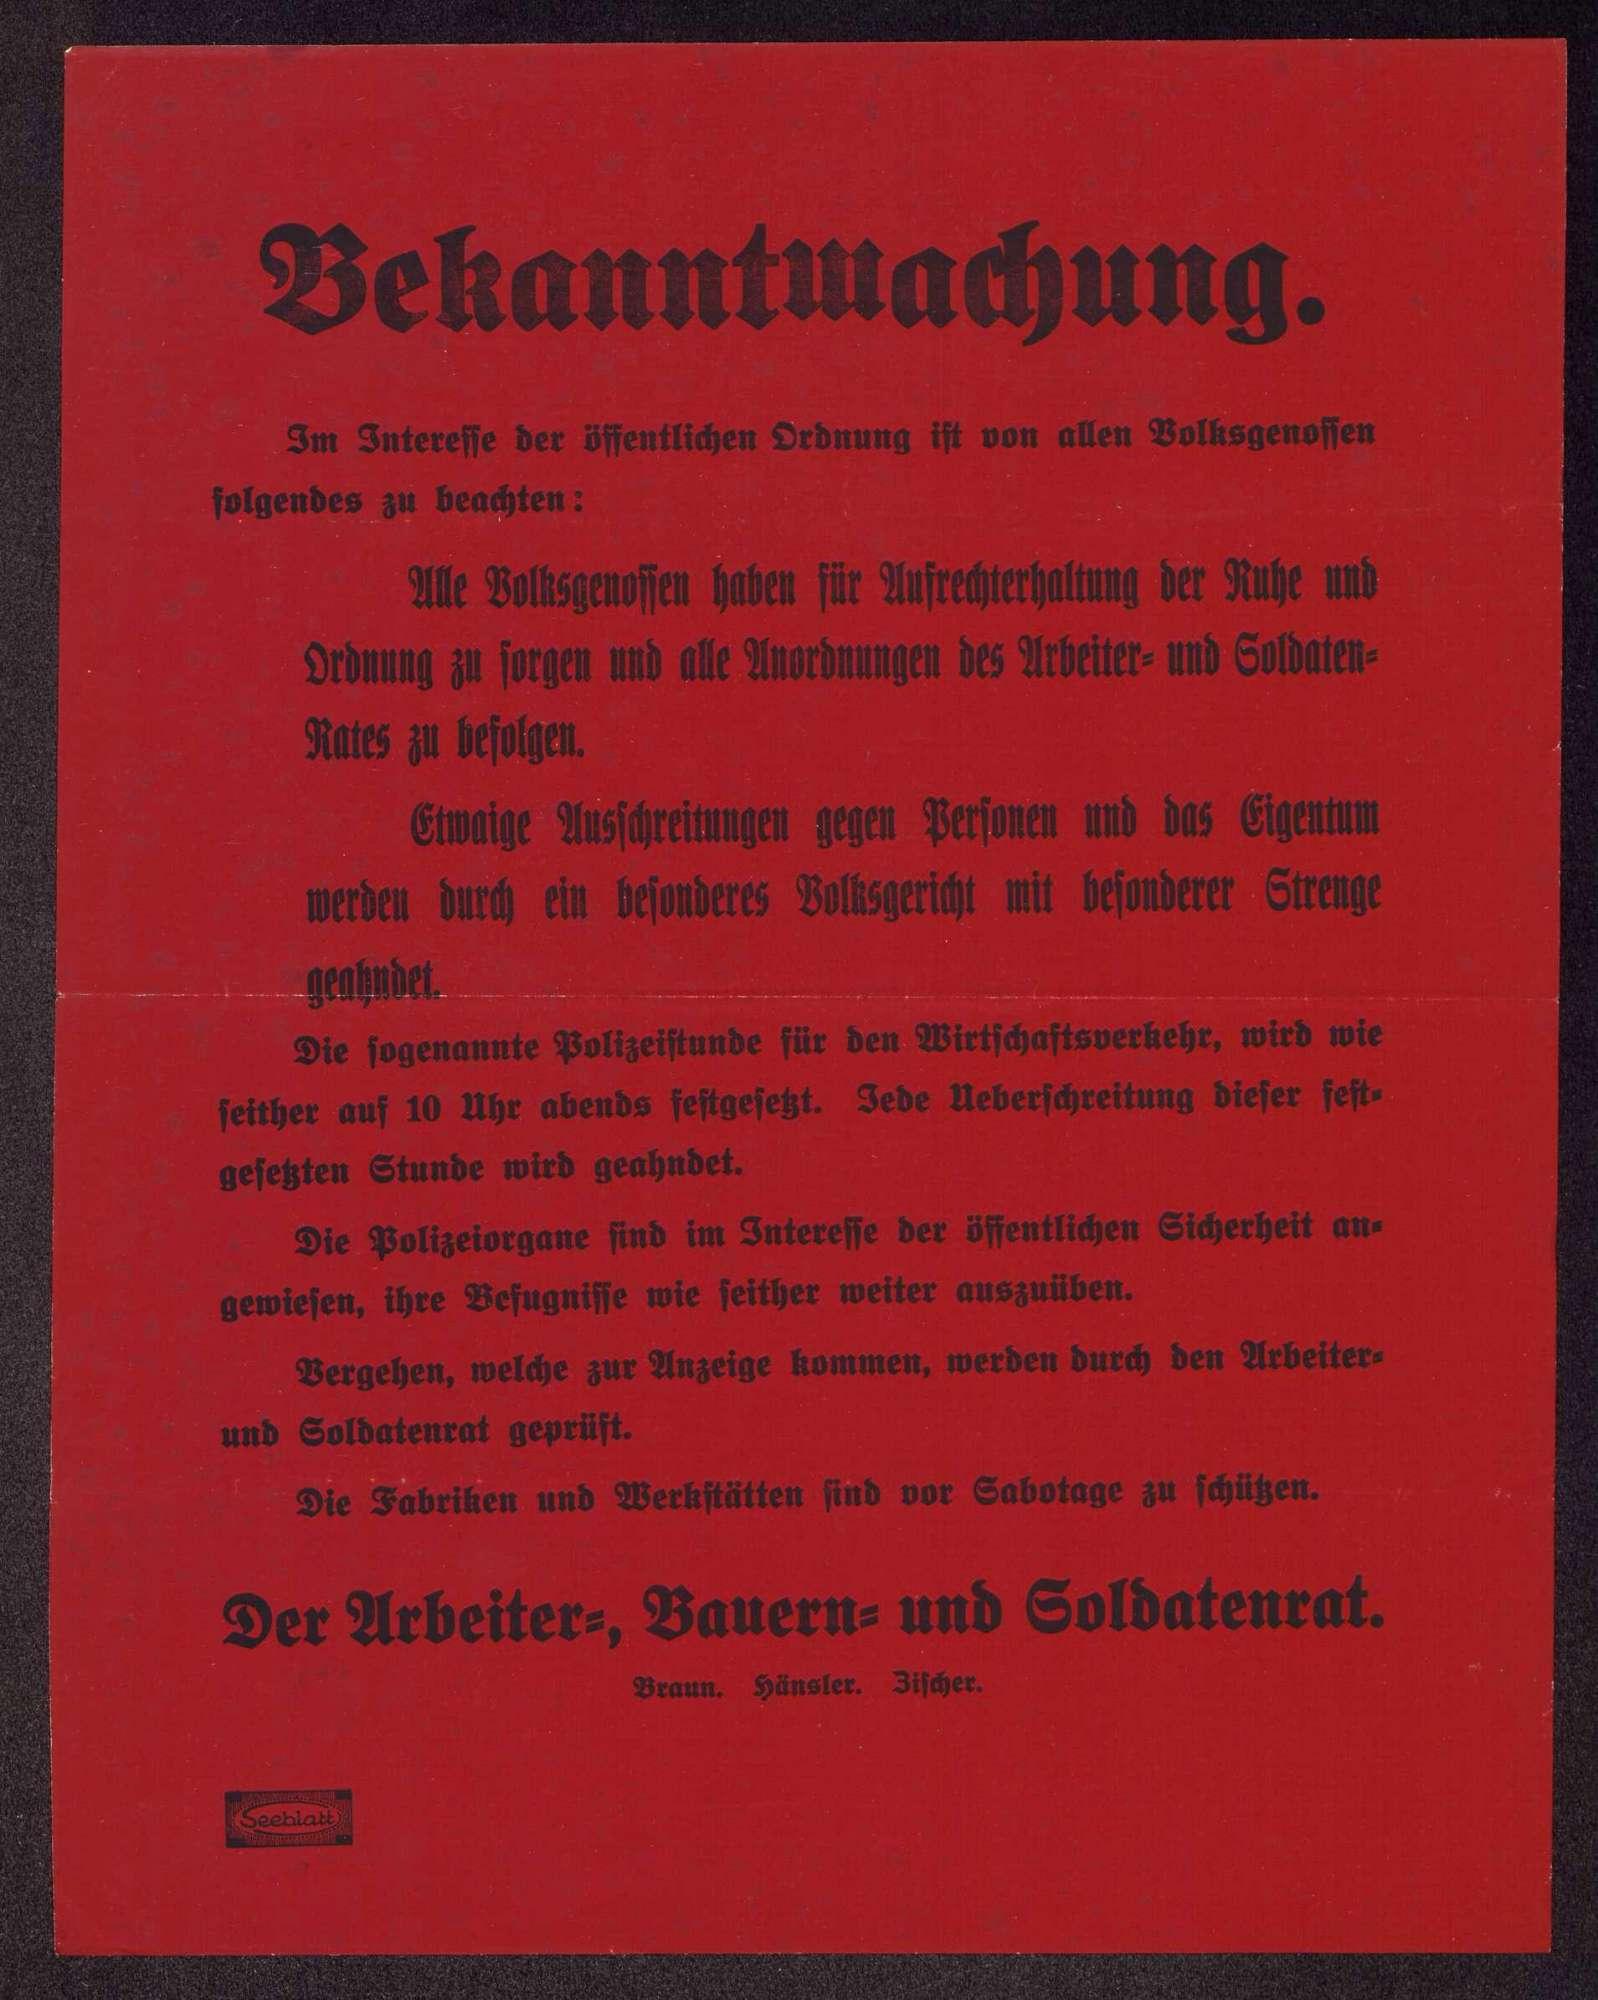 Tätigkeit im Vollzugsausschuss des Arbeiter- und Soldatenrates Groß-Stuttgart, Bild 1